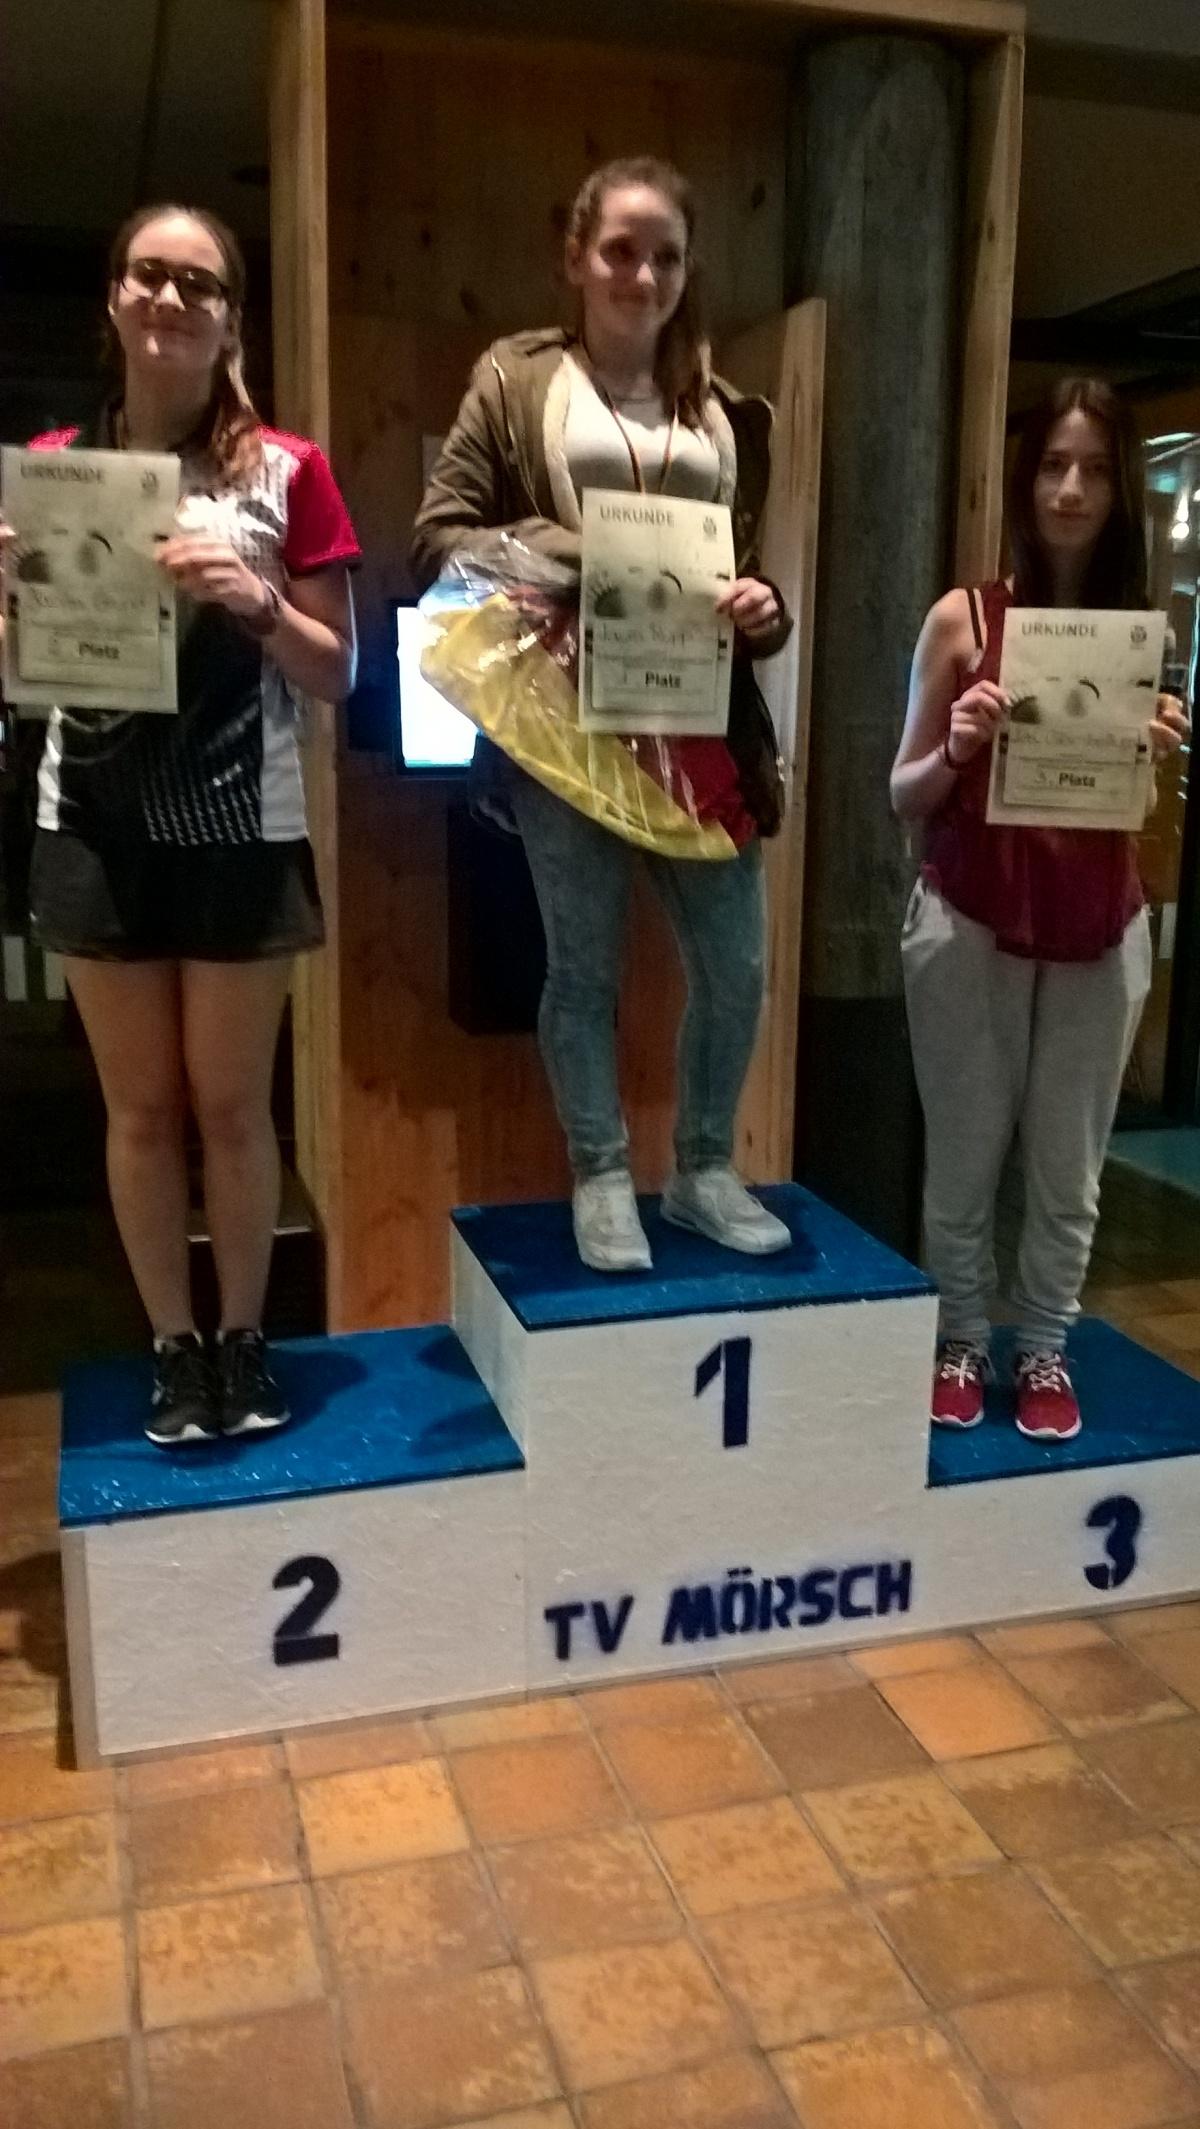 3. Reg-RLT Saison 2016/17